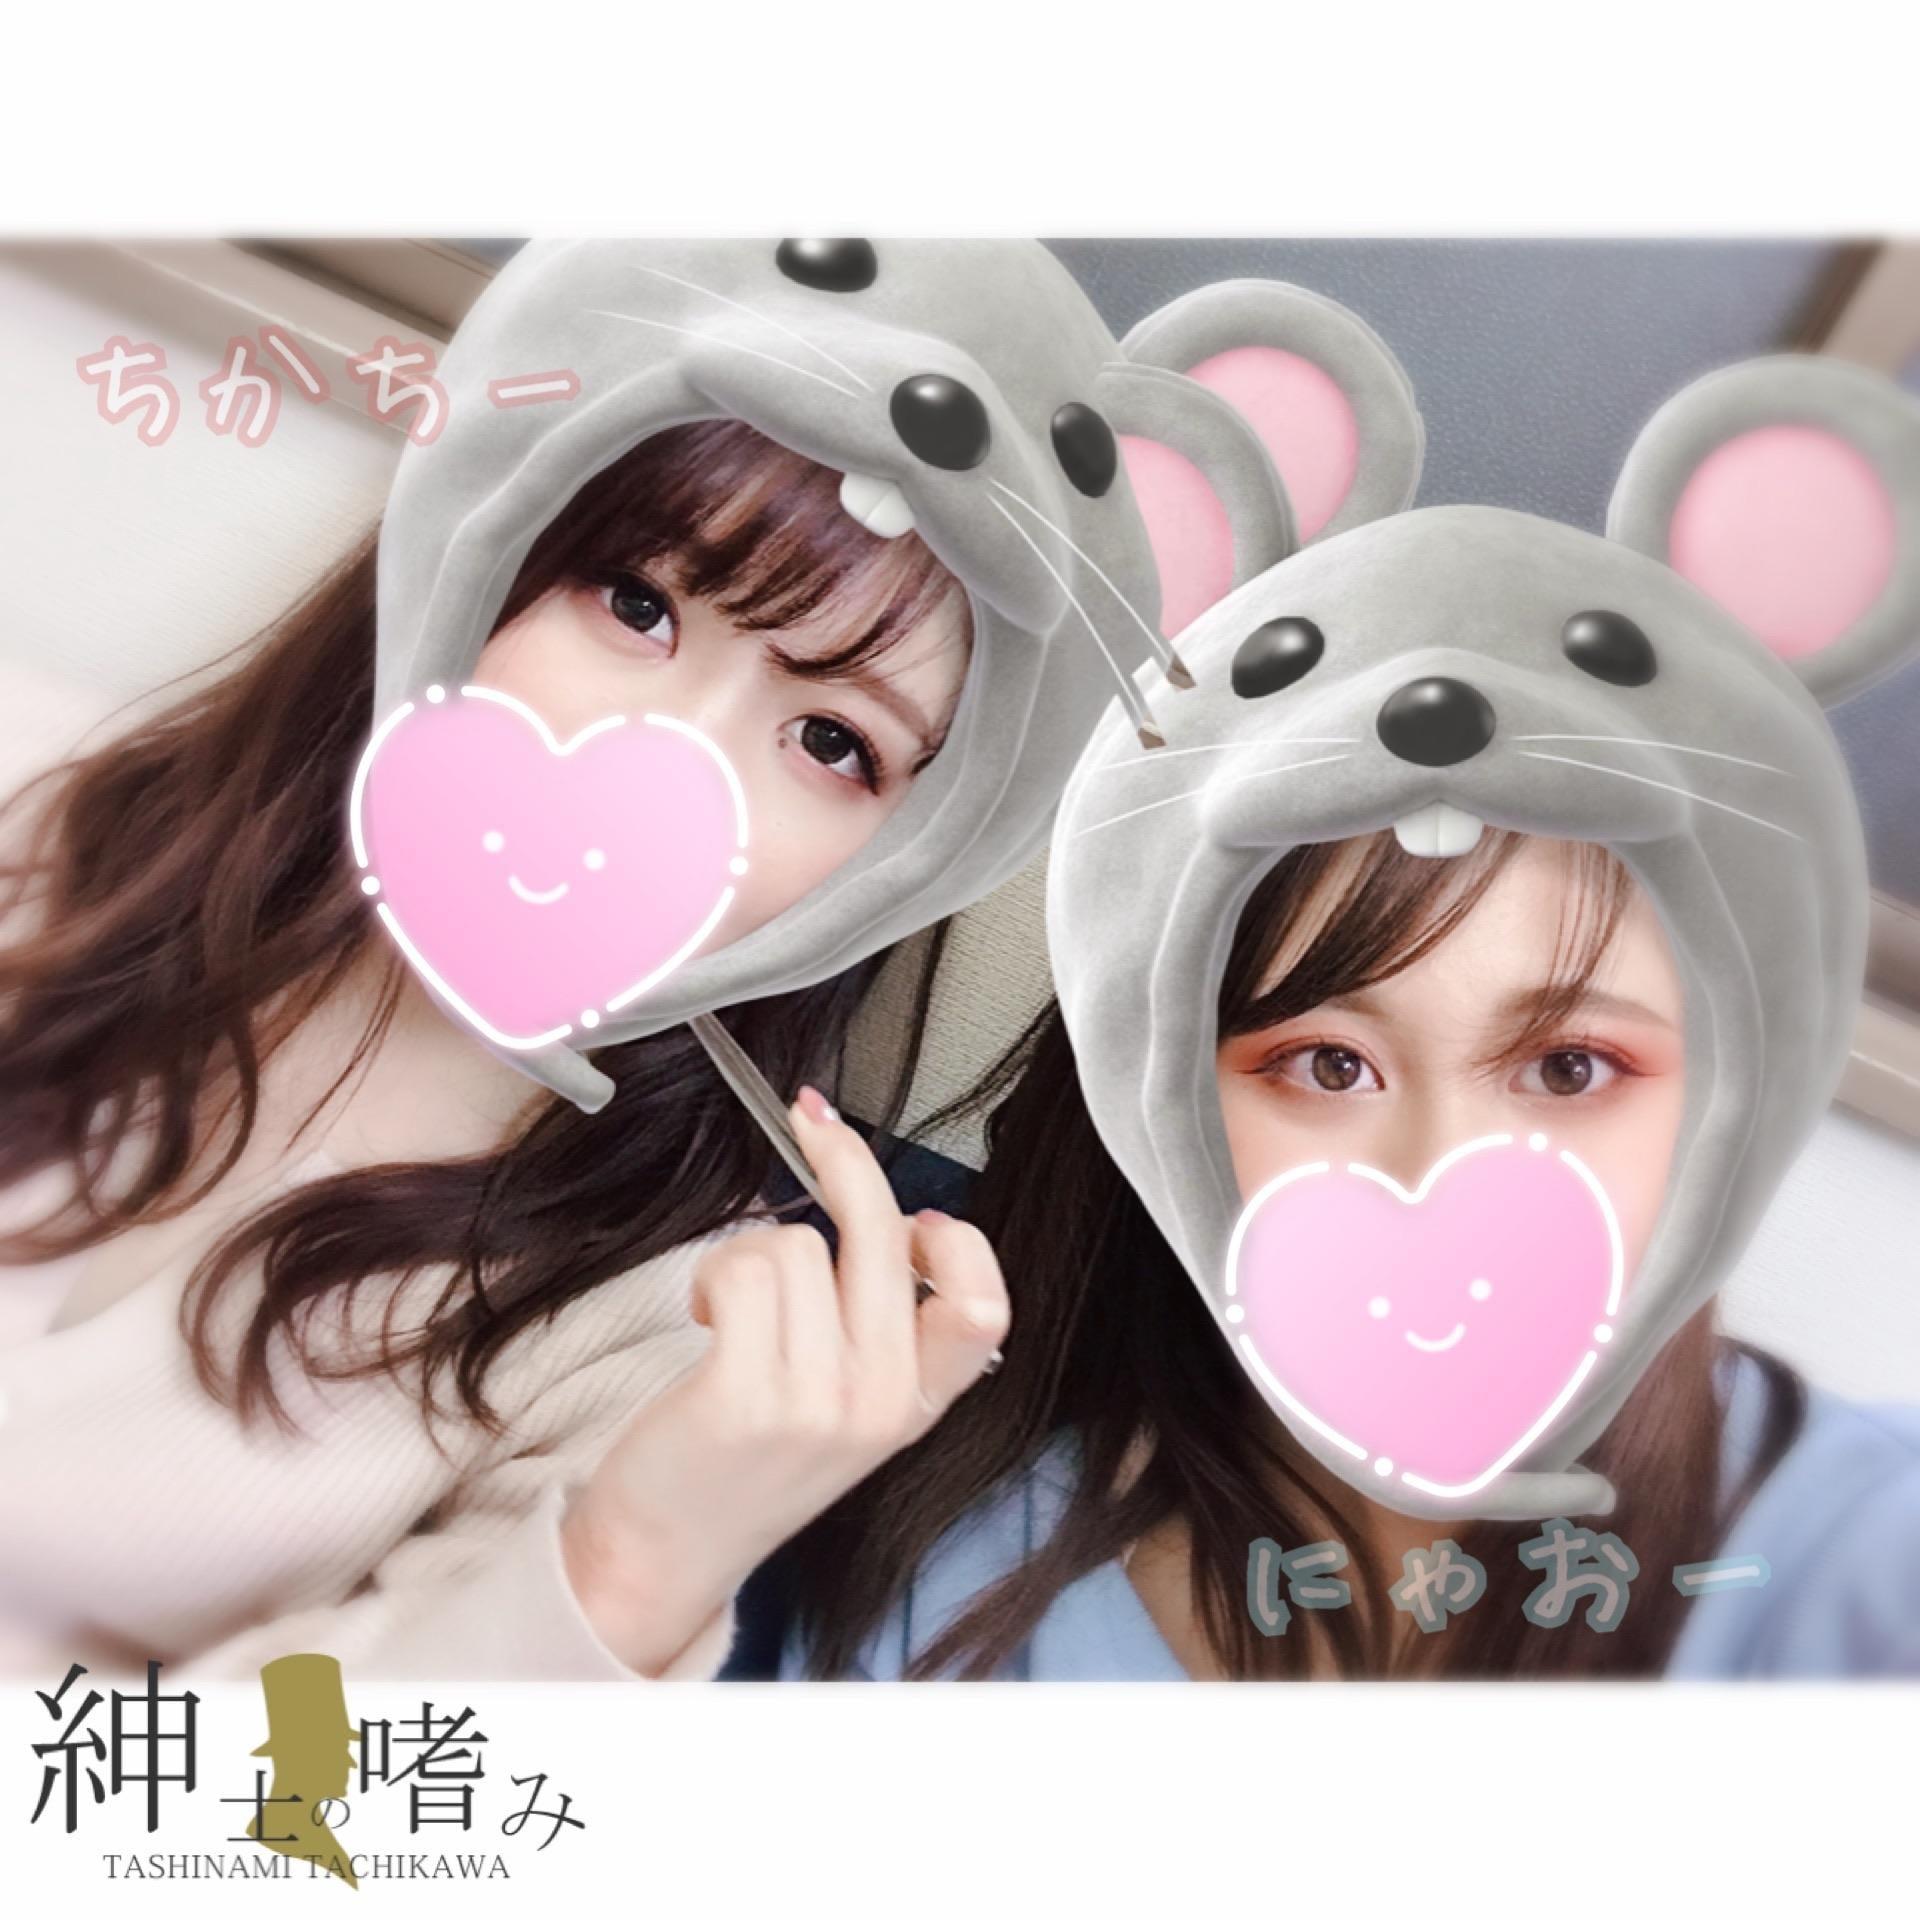 「ちゅう」01/25(01/25) 19:54   なおの写メ・風俗動画